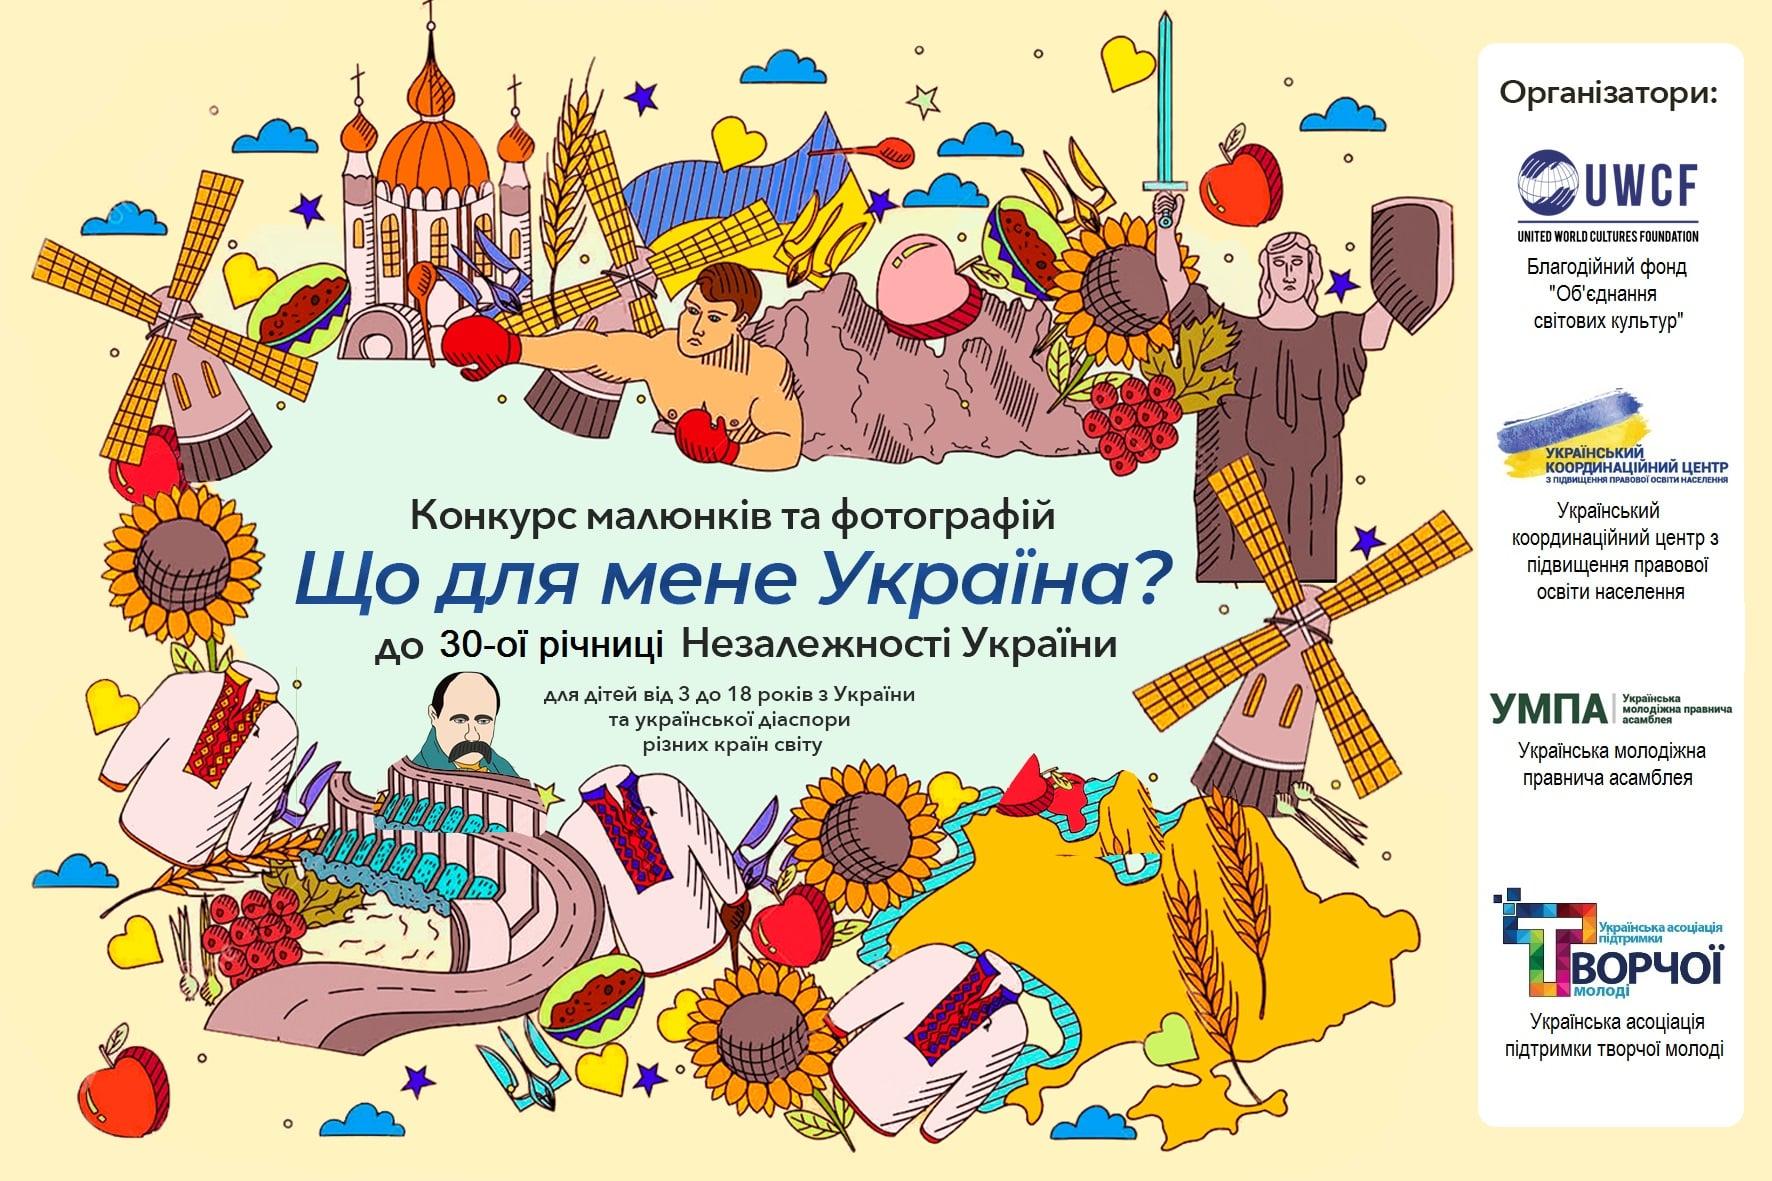 Запрошуємо дітей та підлітків до участі у Всеукраїнському конкурсі малюнків та фотографій «Що для мене Україна?»,